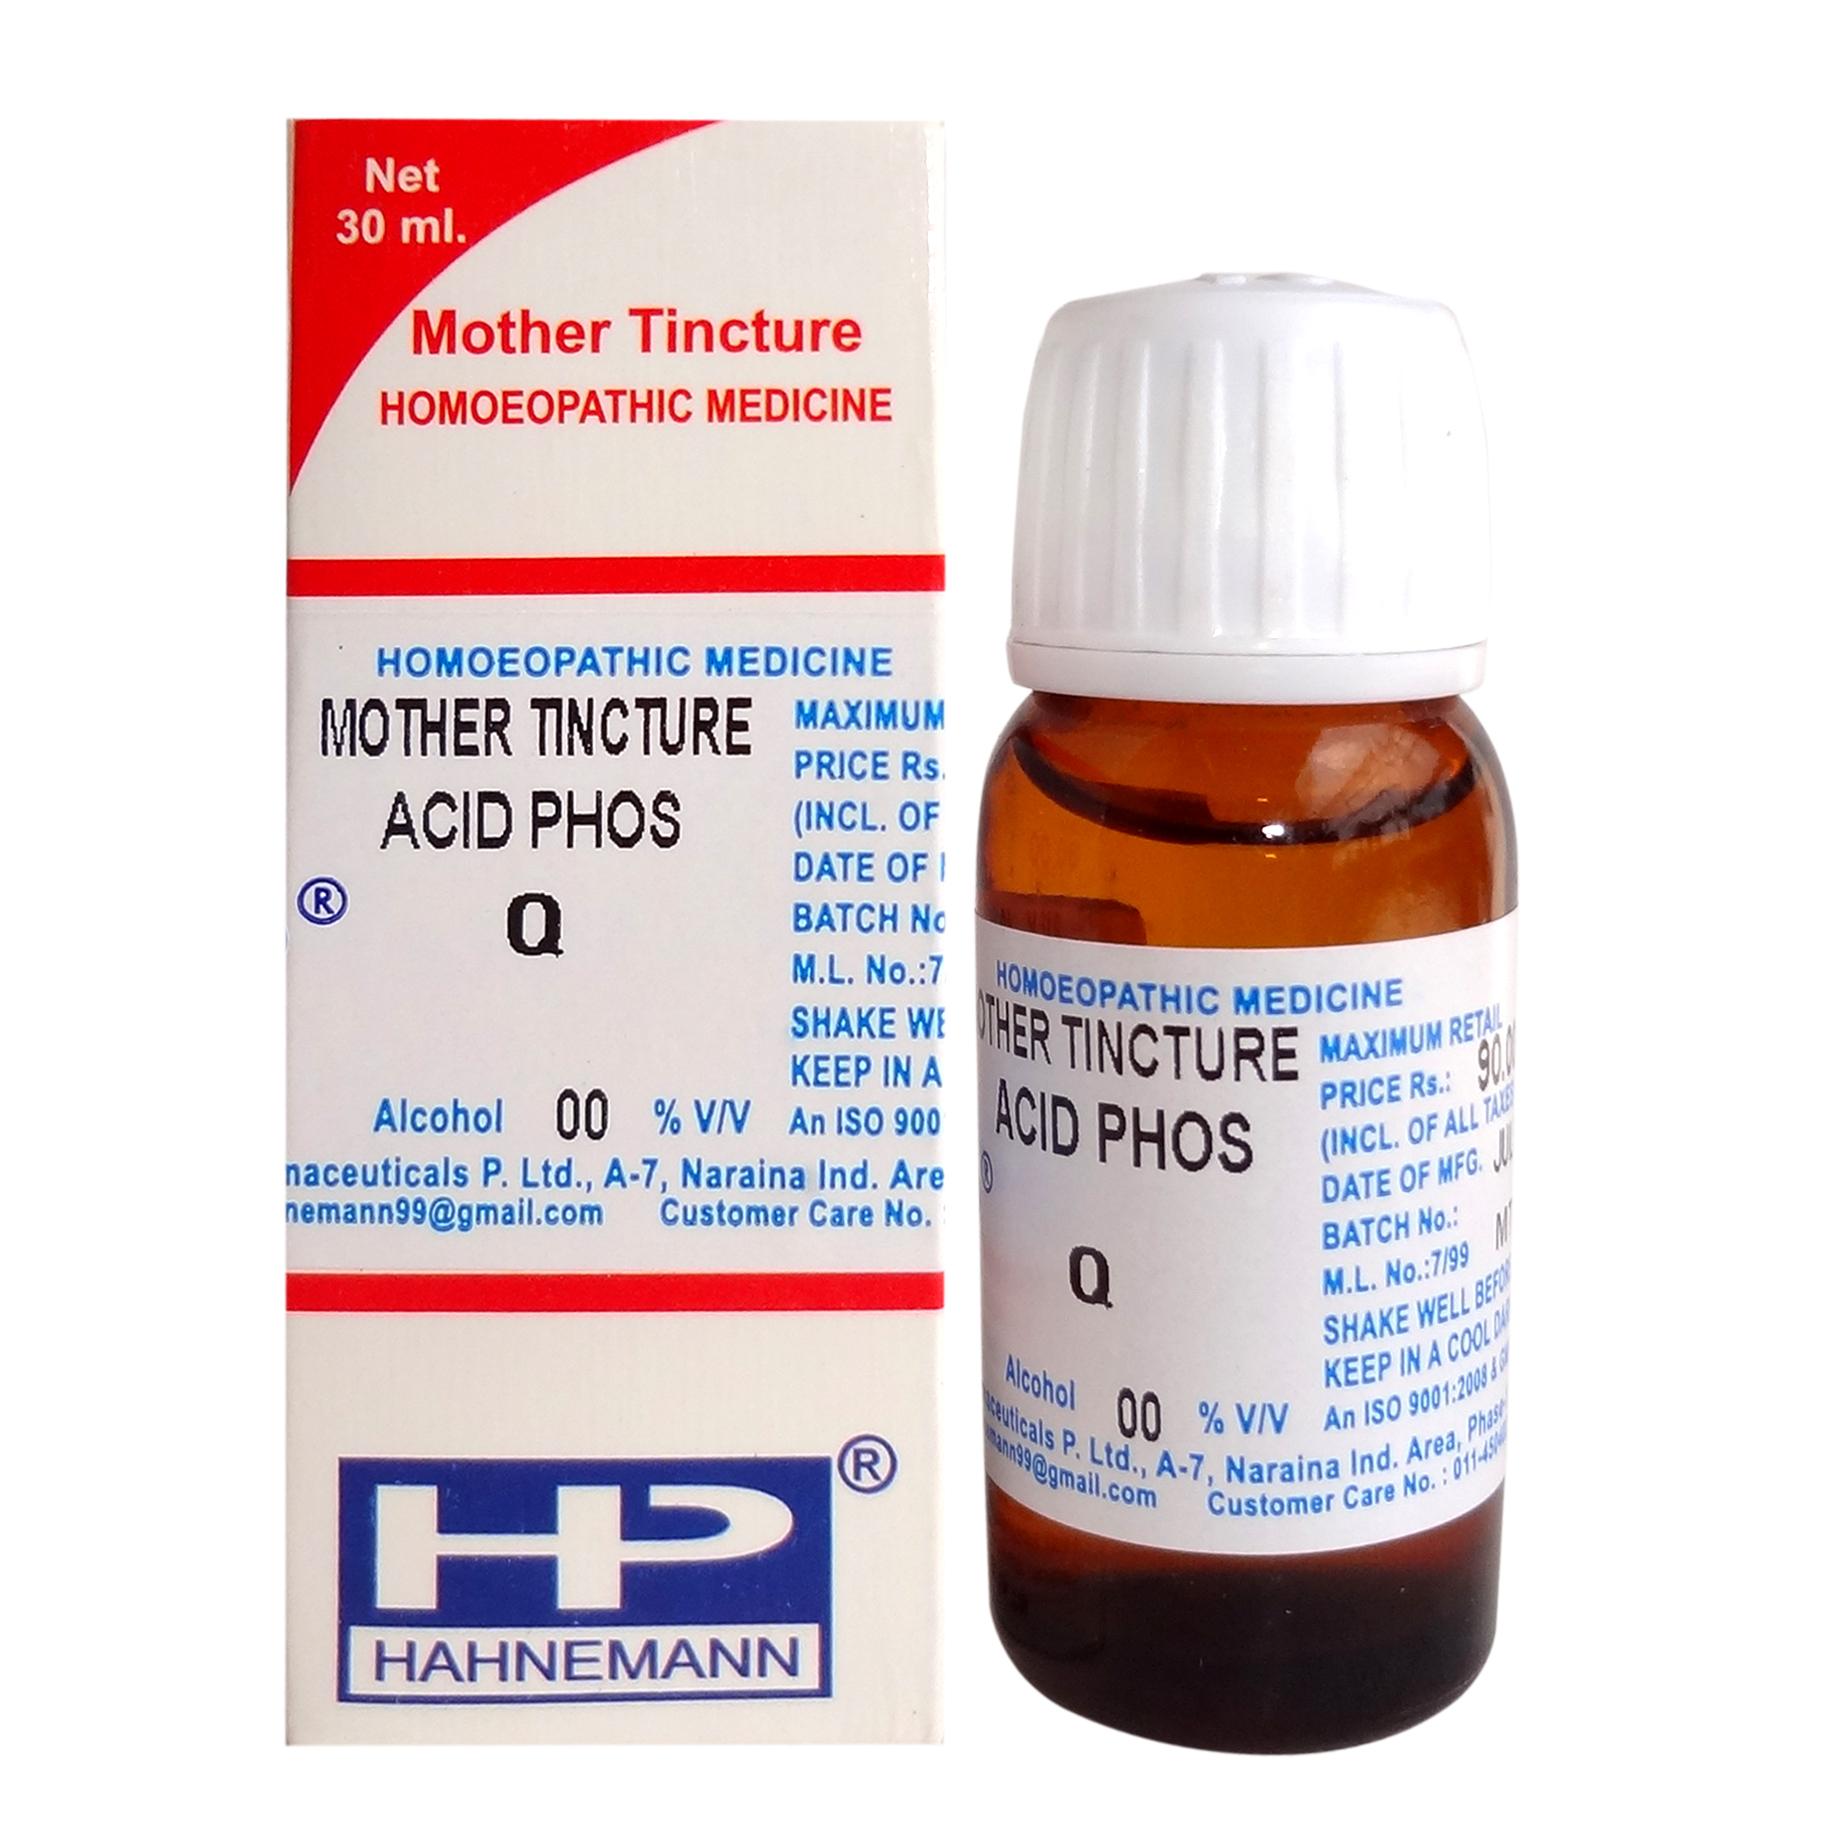 Acidum Phosphoricum Mother Tincture from Reckeweg, Hahnemann, Sbl, Schwabe